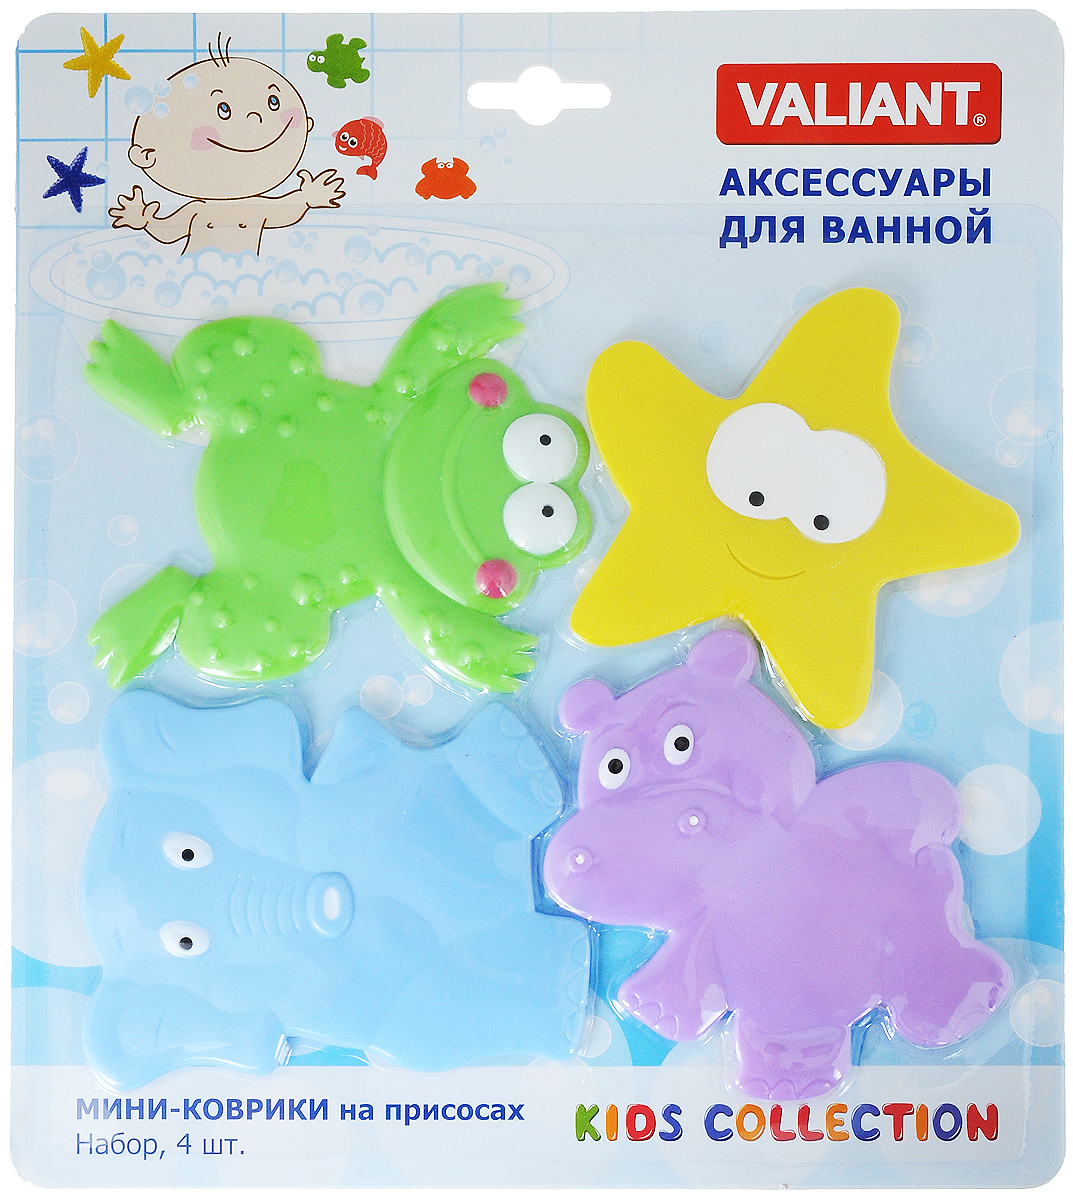 Valiant Мини-коврик для ванной комнаты Веселые зверюшки на присосках 4 шт